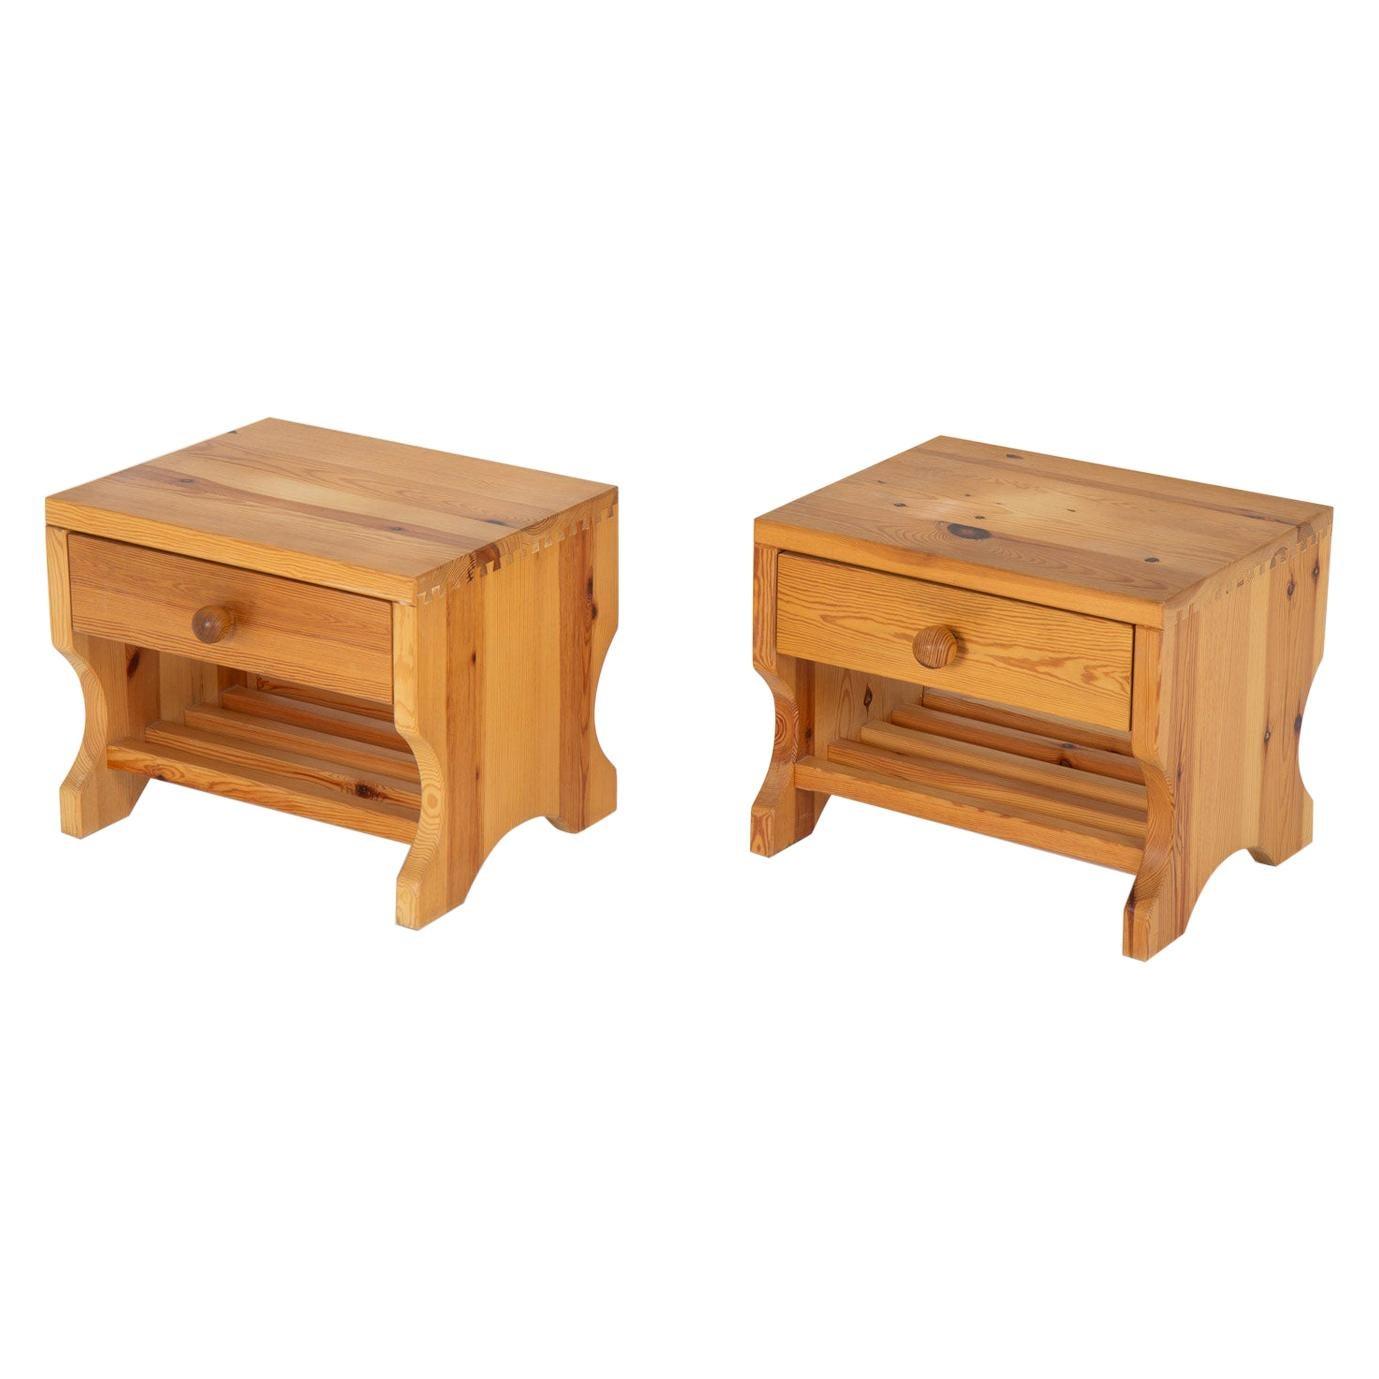 Scandinavian Midcentury Bedside Tables in Pine